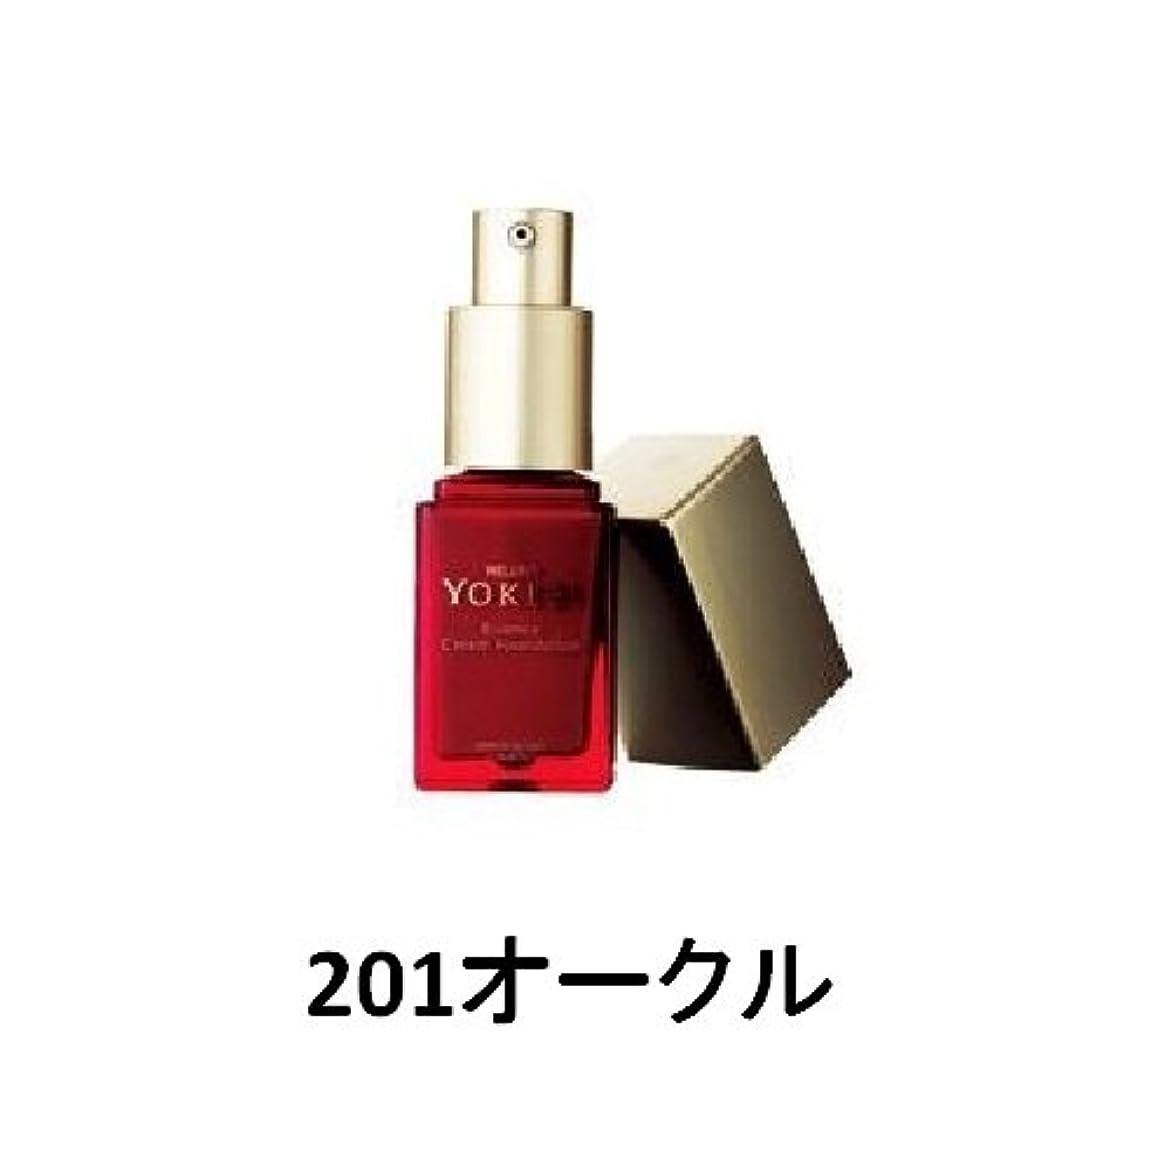 違反戻す血リレント YOKIBI エッセンスクリームファンデーション (201オークル)